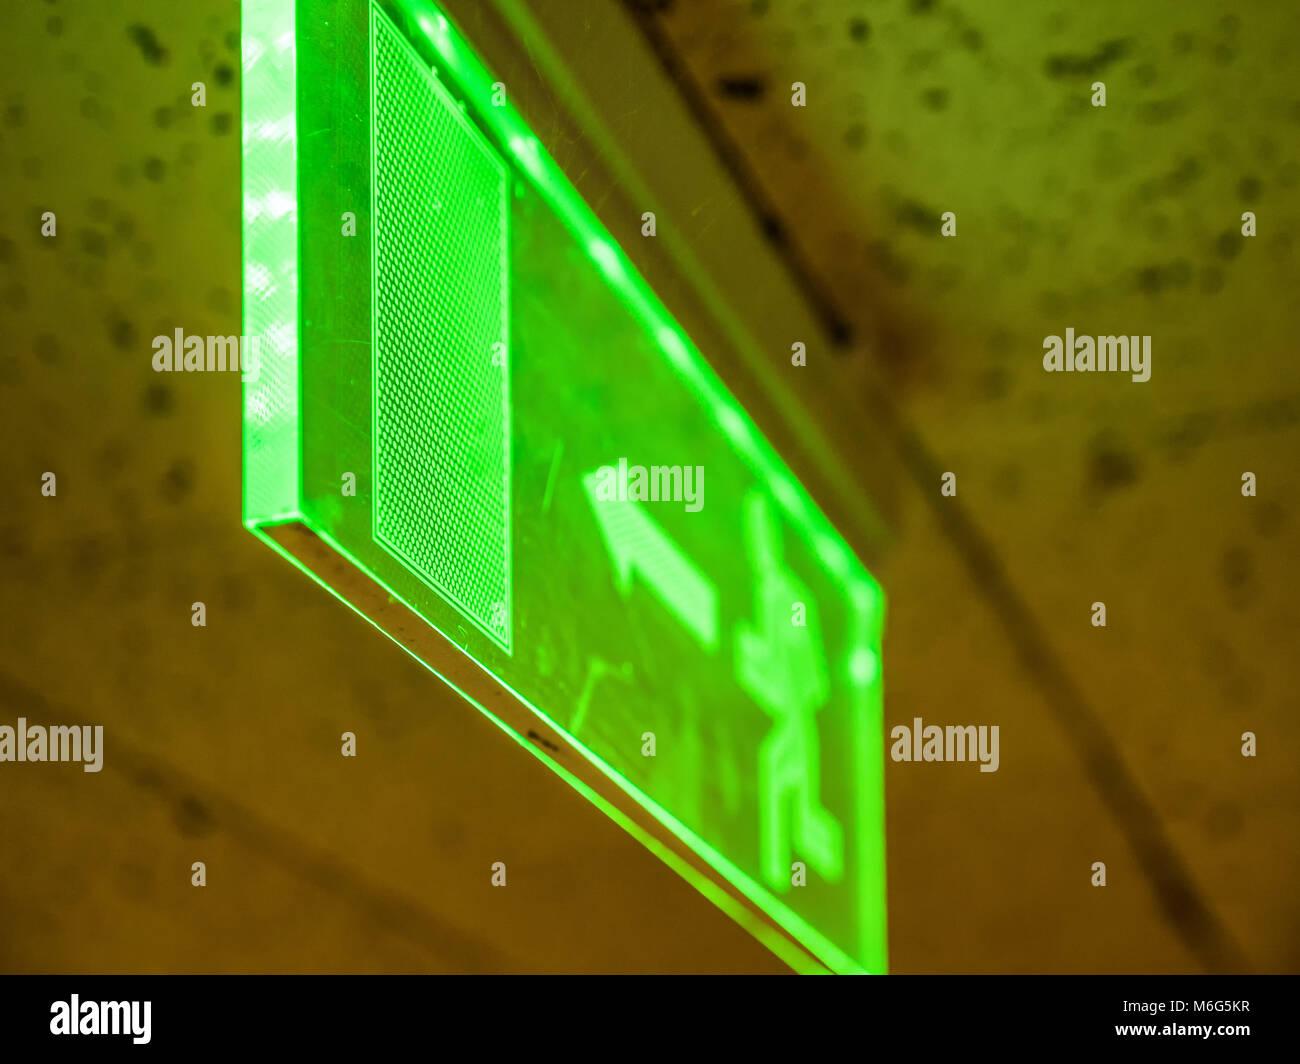 Vue intérieure vert urgence sortie de signer au plafond. Photo Stock